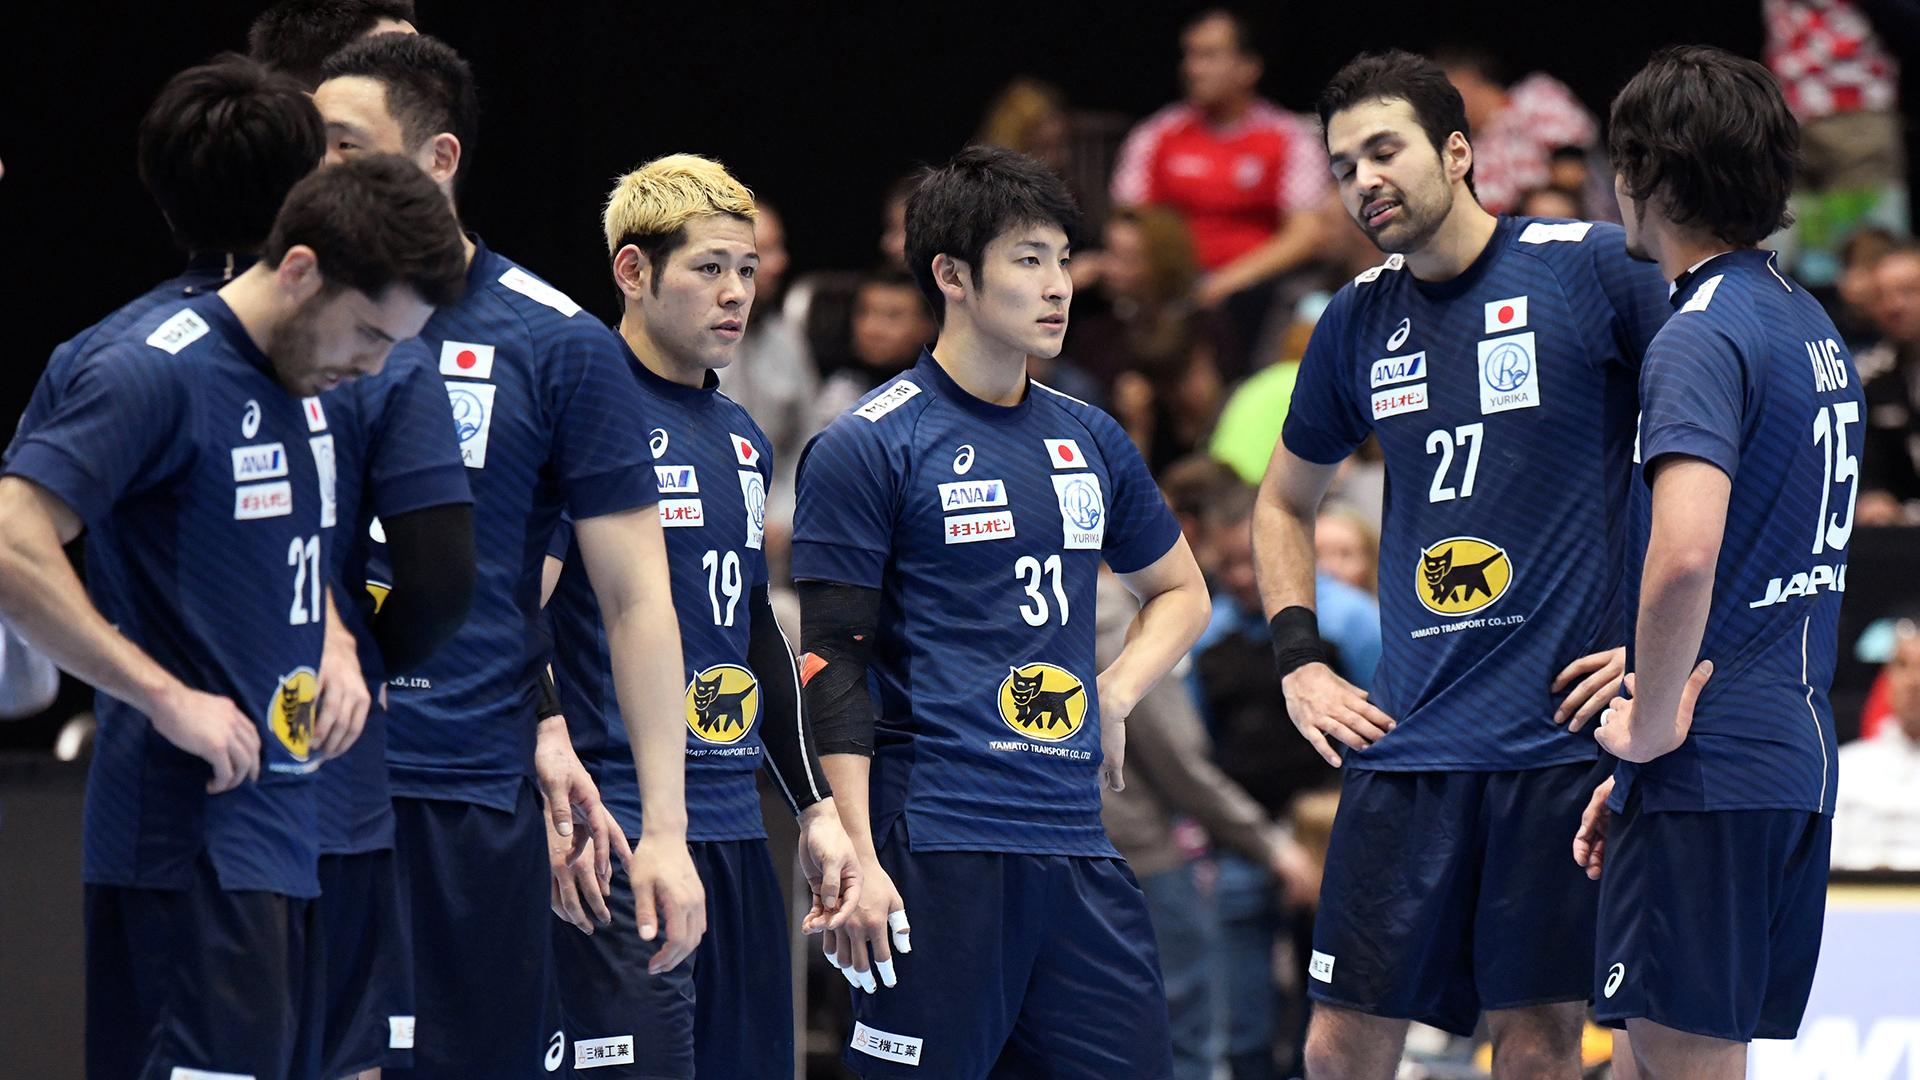 La decepción del debut de los jugadores japoneses luego de la derrota ante Macedonia por 38 a 29 (REUTERS)